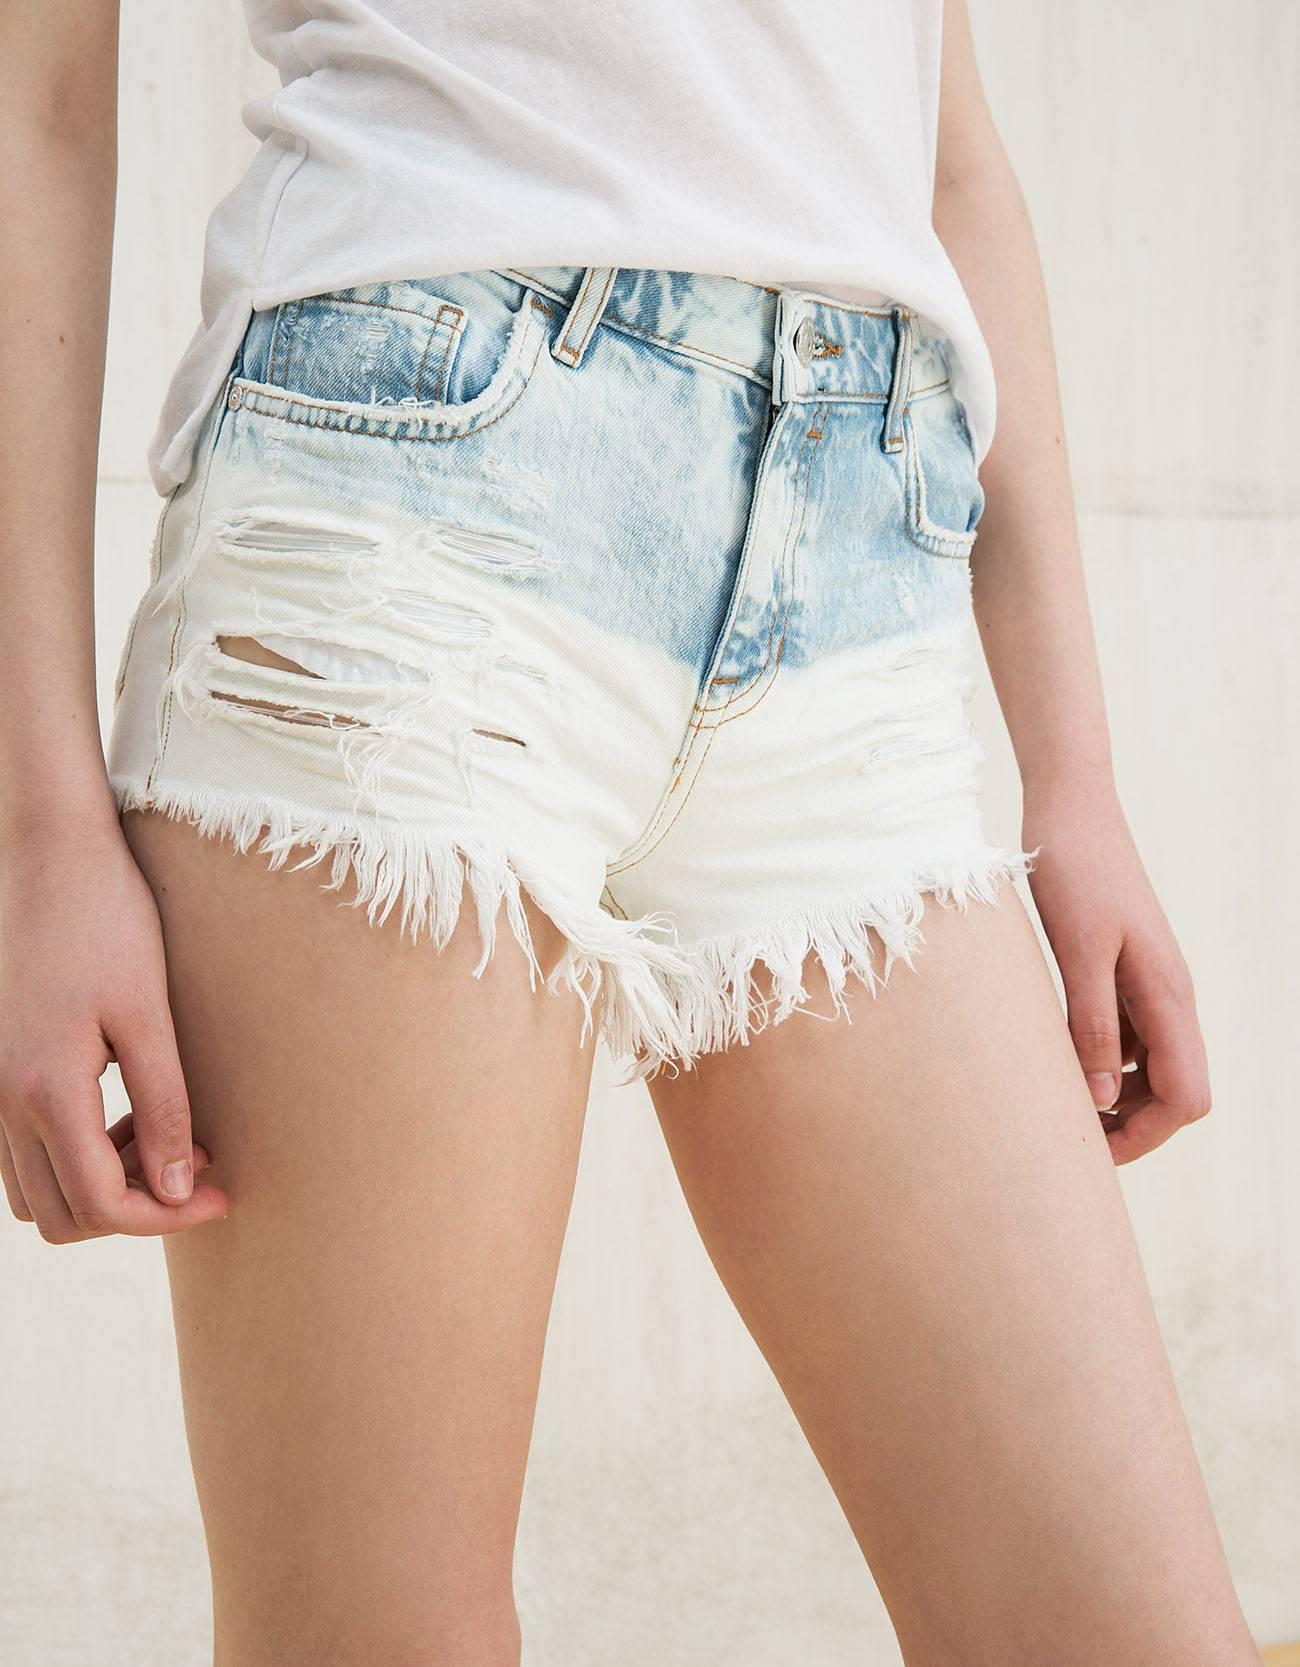 Джинсовые шорты женские эро фото фото 122-855